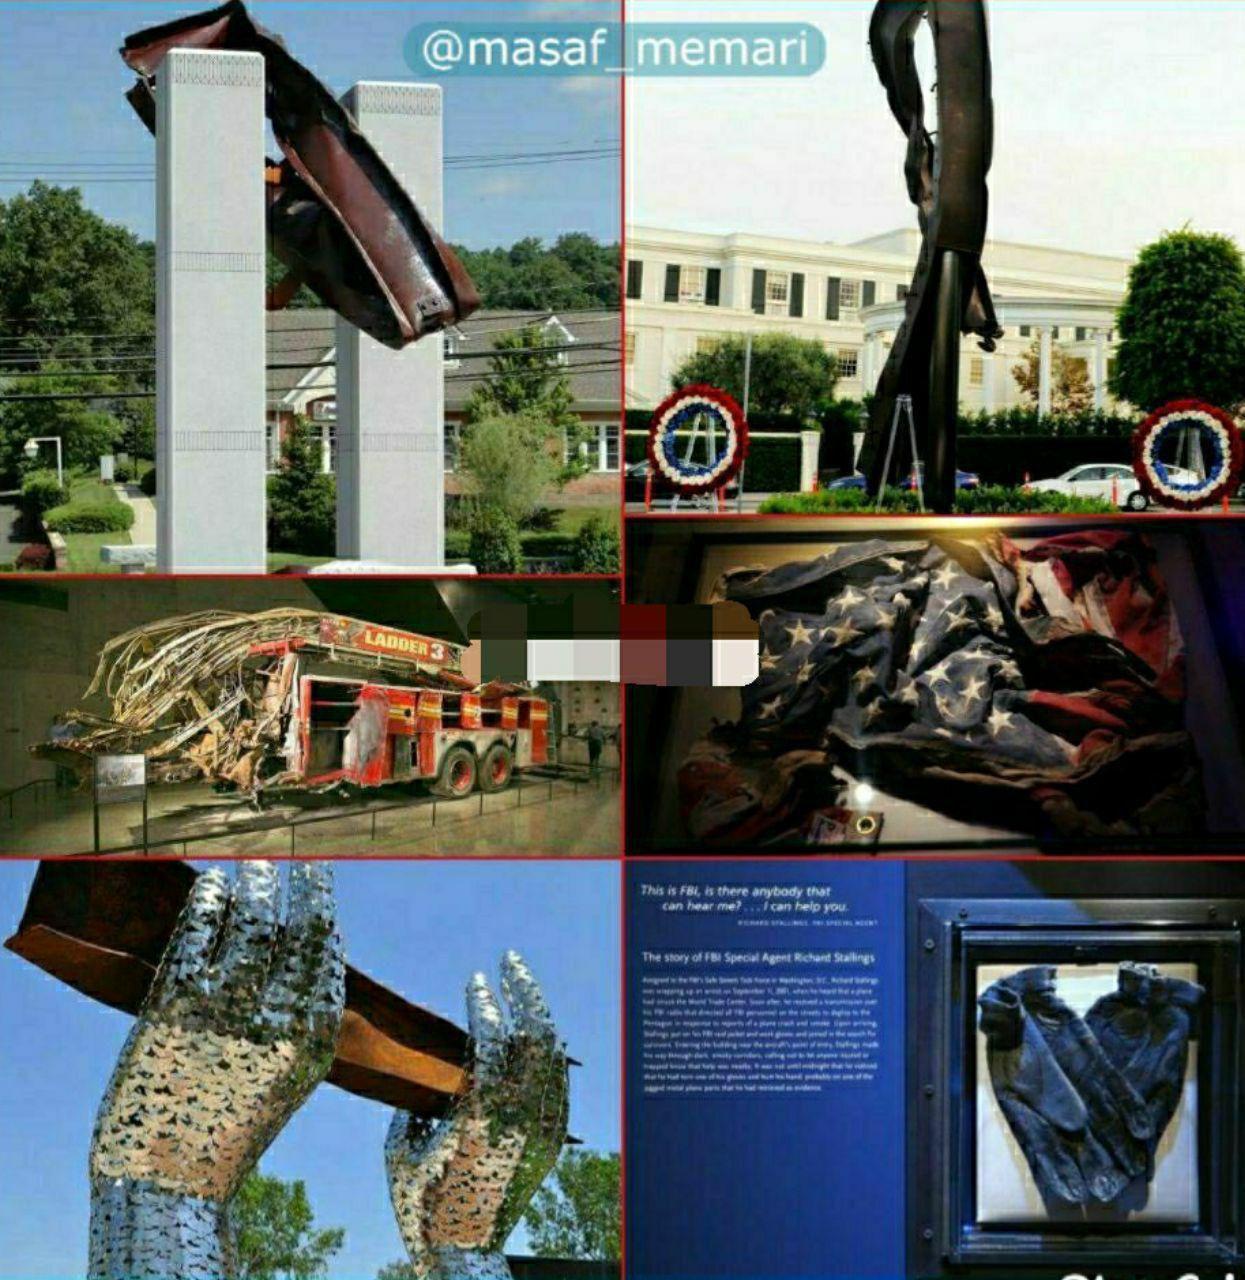 یادمان خاص برای کشته شدگان حادثه ۱۱سپتامبر